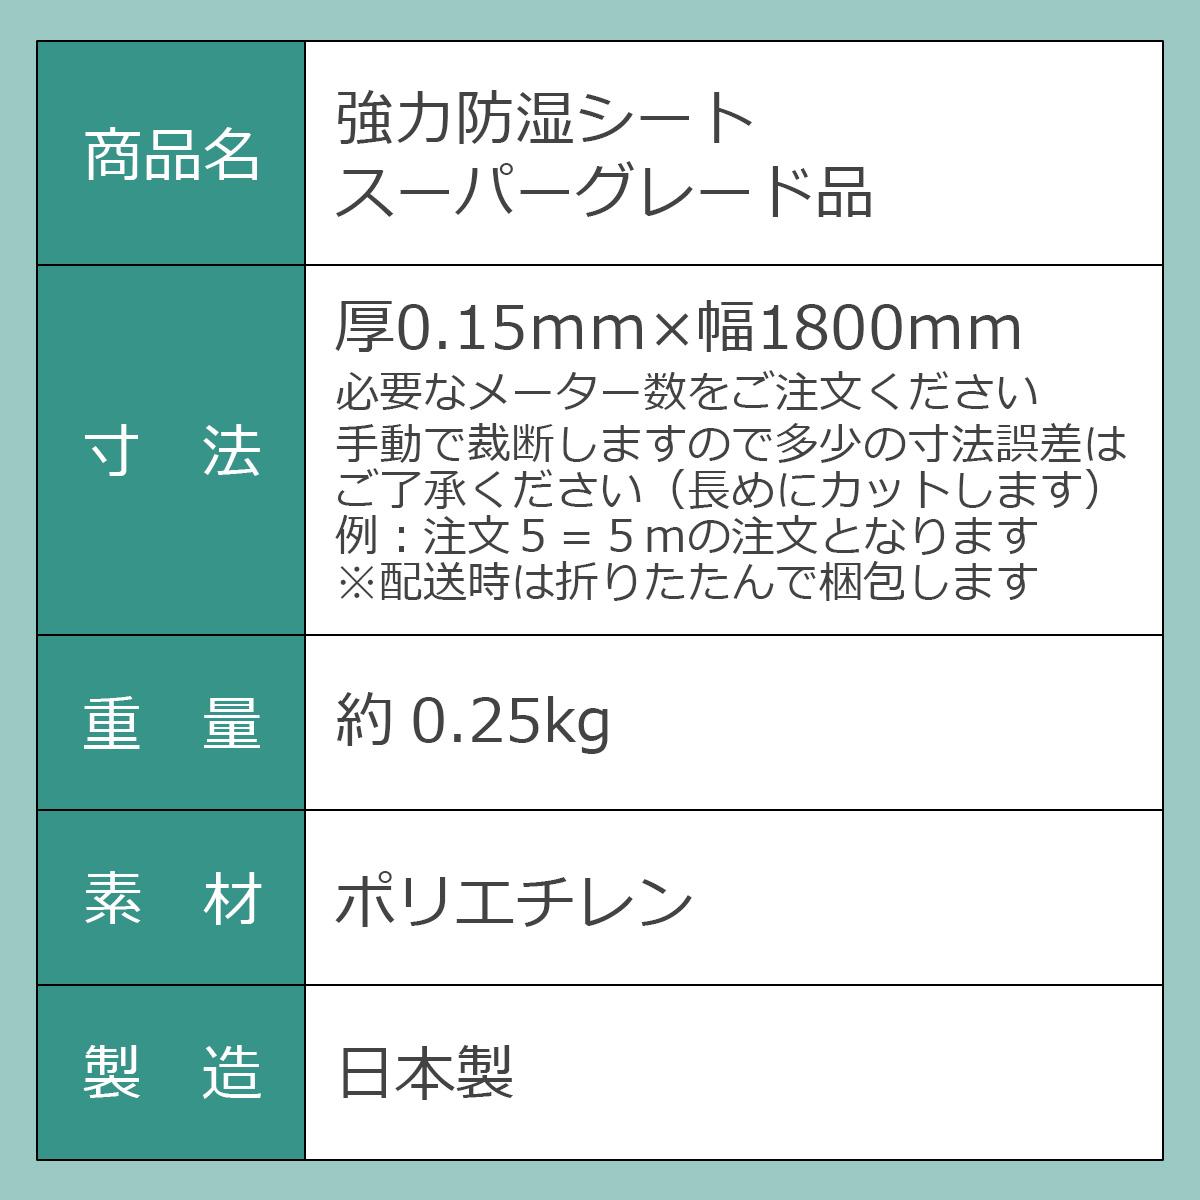 商品名:強力防湿シート スーパーグレード品 寸法:厚0.15ミリ×幅1800ミリ 必要なメーター数をご注文ください。手動で裁断しますので多少の寸法誤差はご了承ください(長めにカットします)例:注文5=5メートルの注文となります。※配送時は折りたたんで梱包します 重量:約0.25kg 素材:ポリエチレン 製造:日本製